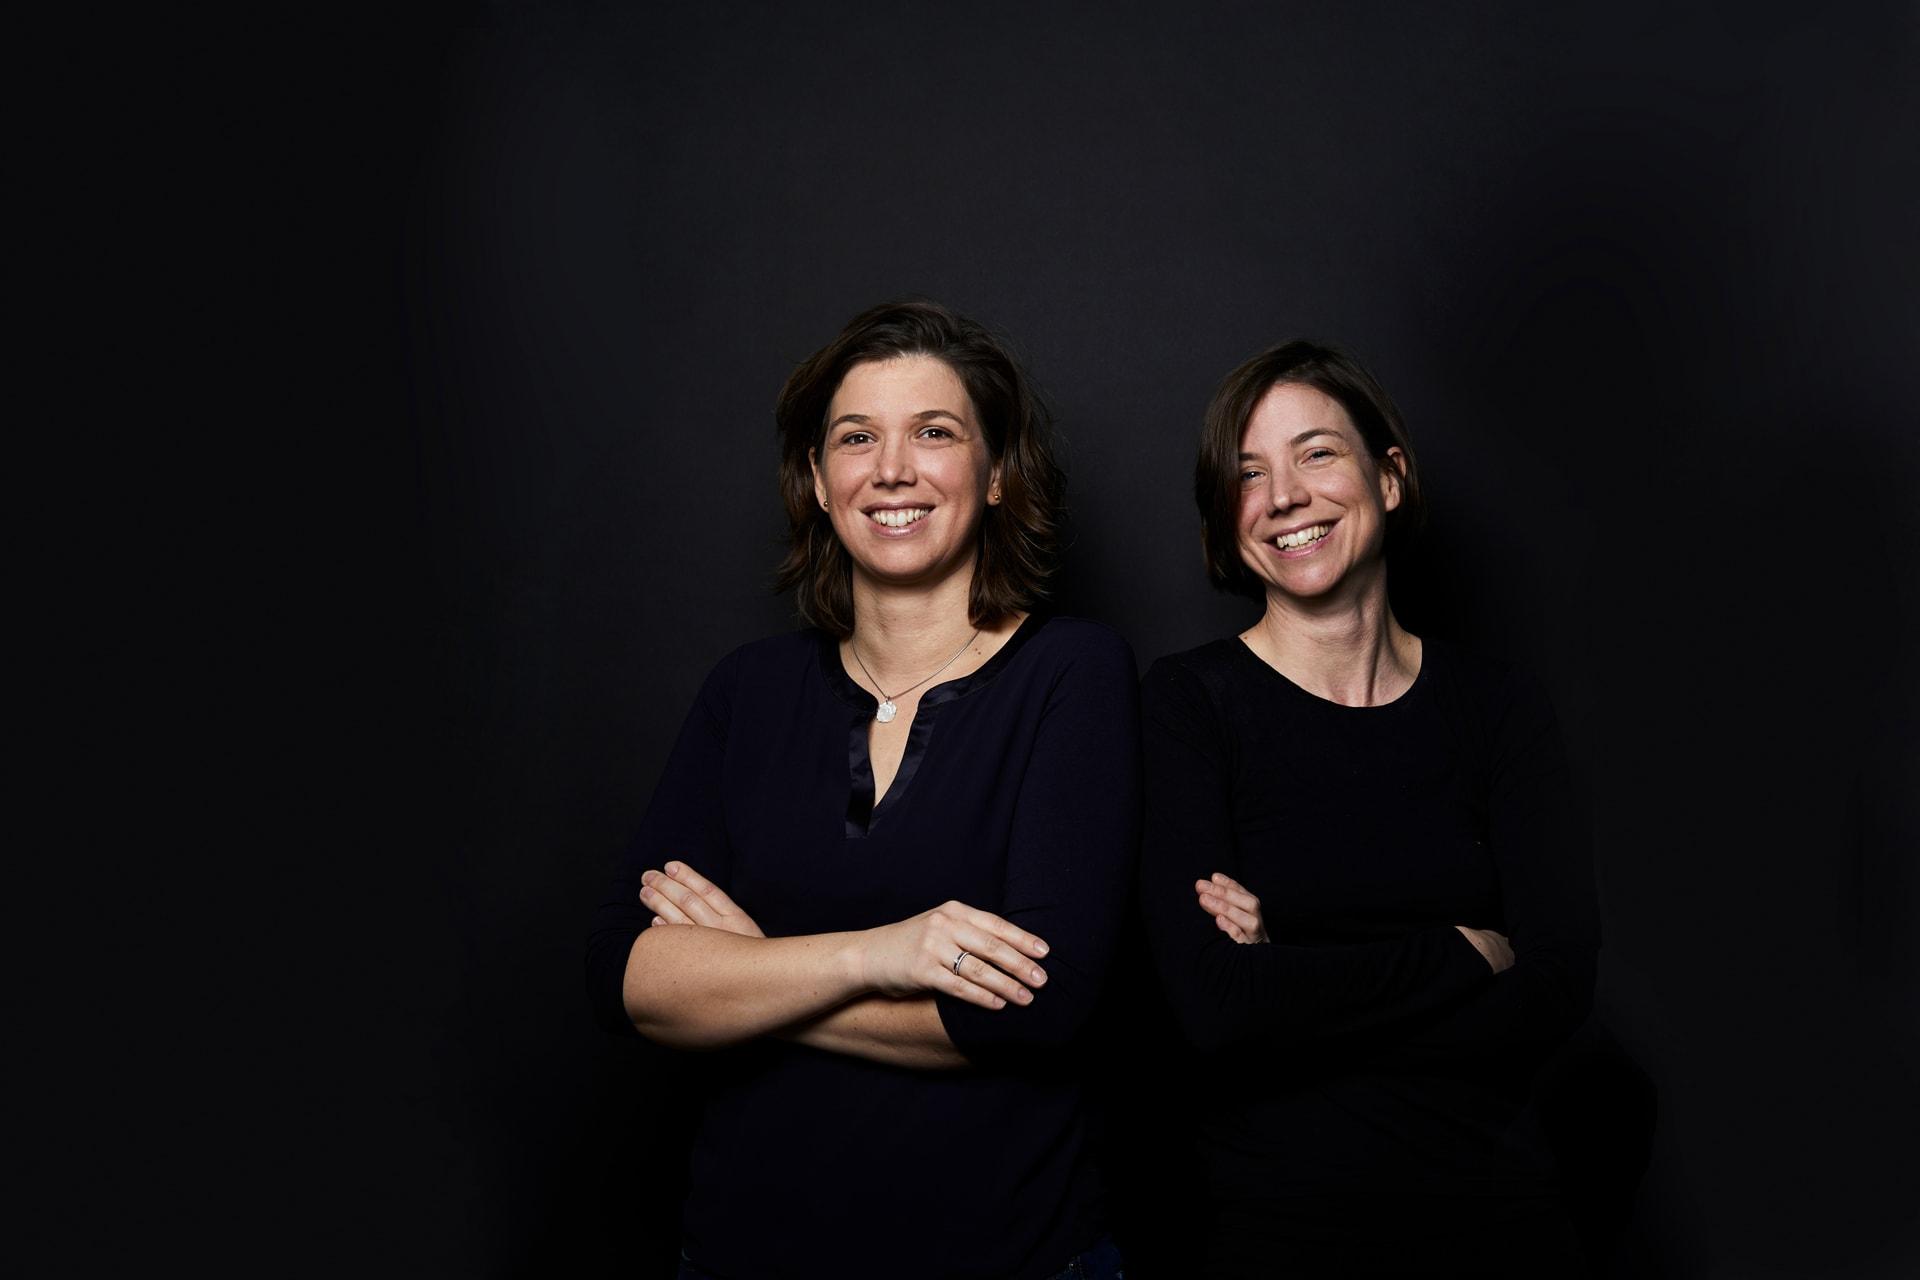 Marlene Lauter / Mag. Ulrike Brandner-Lauter